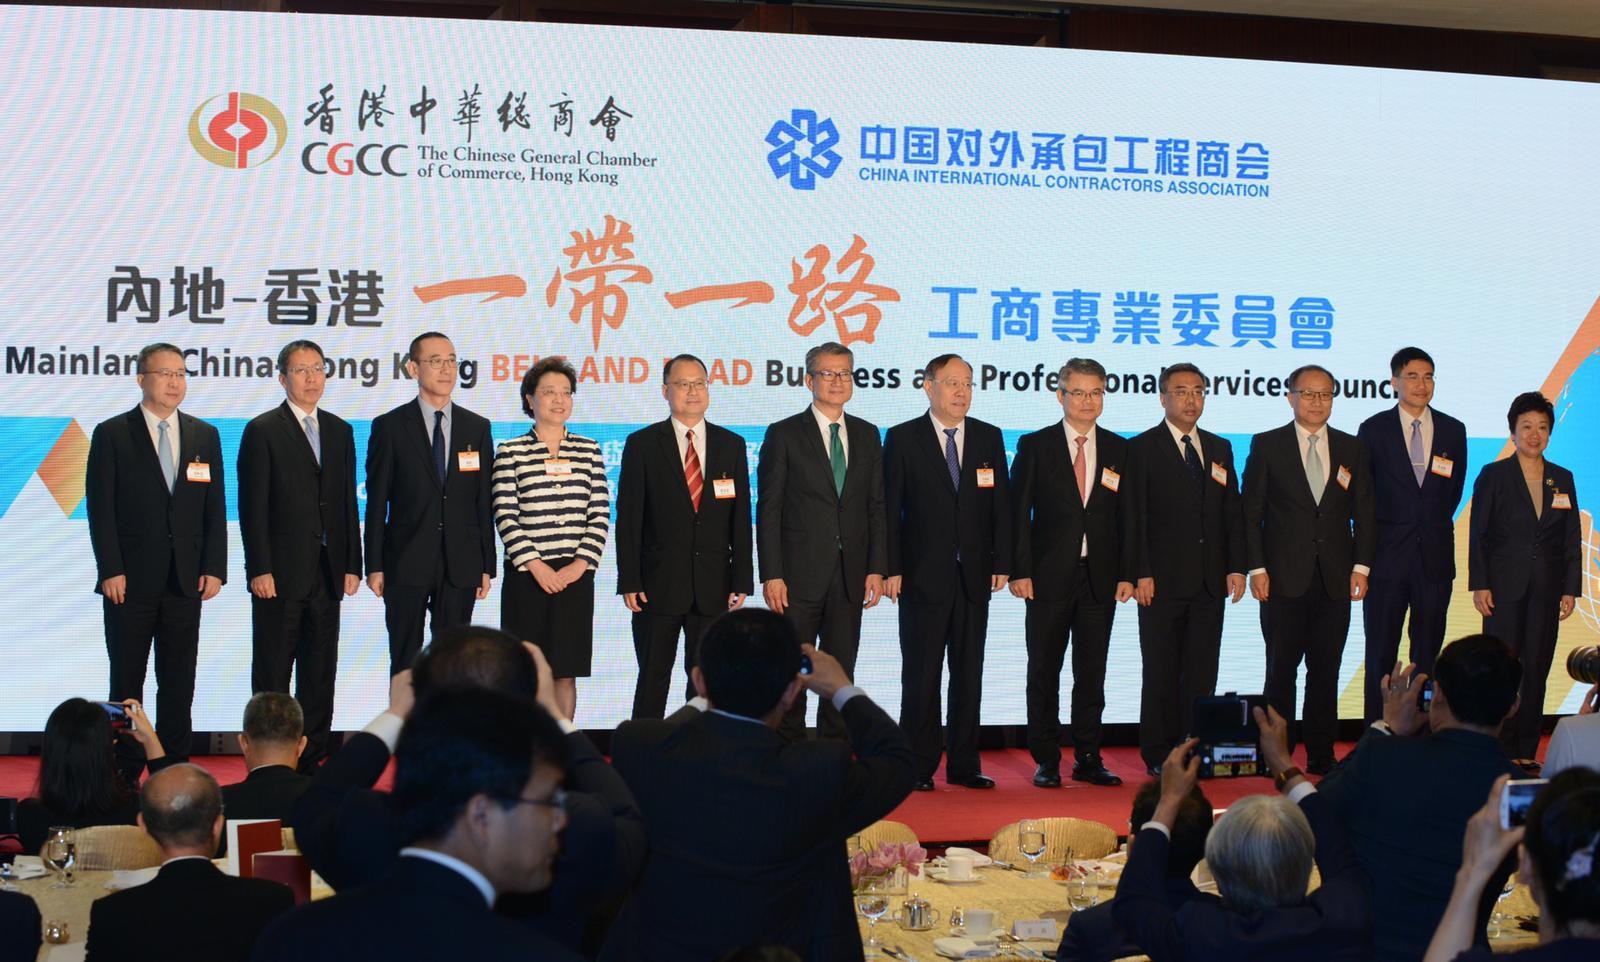 商務部副部長王炳南及財政司司長陳茂波等,早上出席「內地—香港一帶一路工商專業委員會」的交流會。